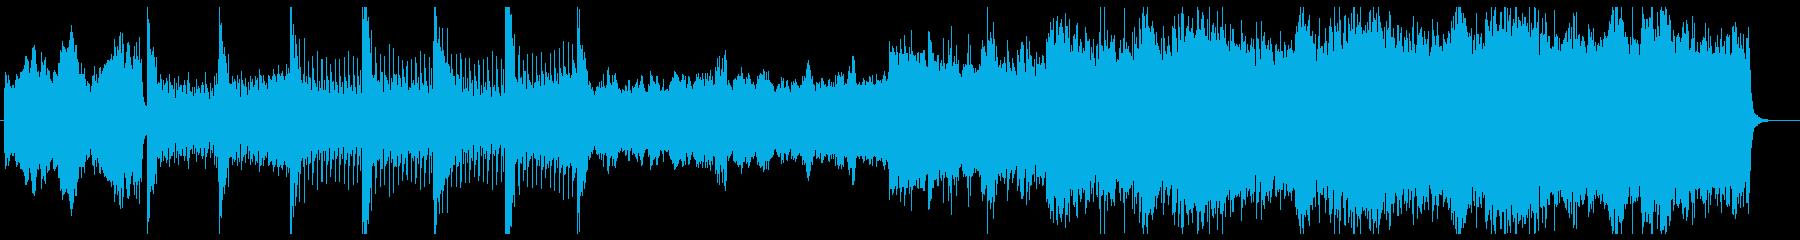 ハリウッド・アクション映画定番スタイルの再生済みの波形